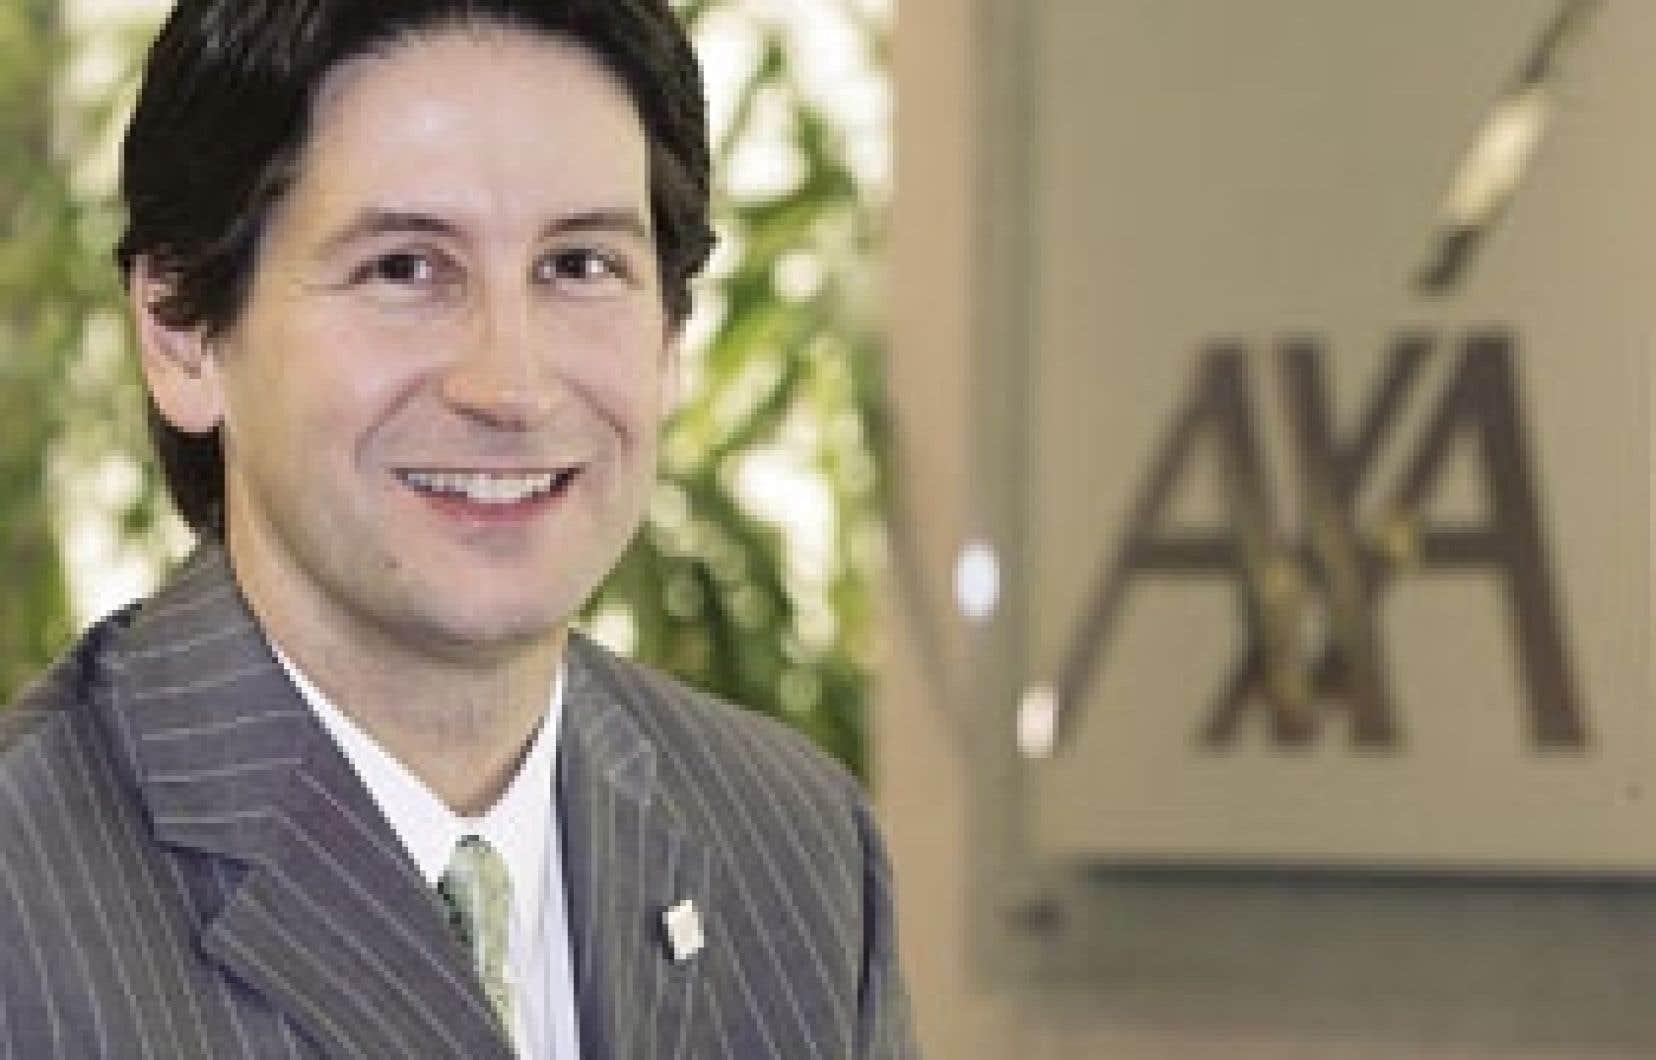 Jean-François Blais, président et chef de la direction d'AXA Canada, vient de recevoir le titre de «grand gestionnaire 2007», selon le programme «Les nouveaux performants», qui récompense les membres de l'élite du management québécois.